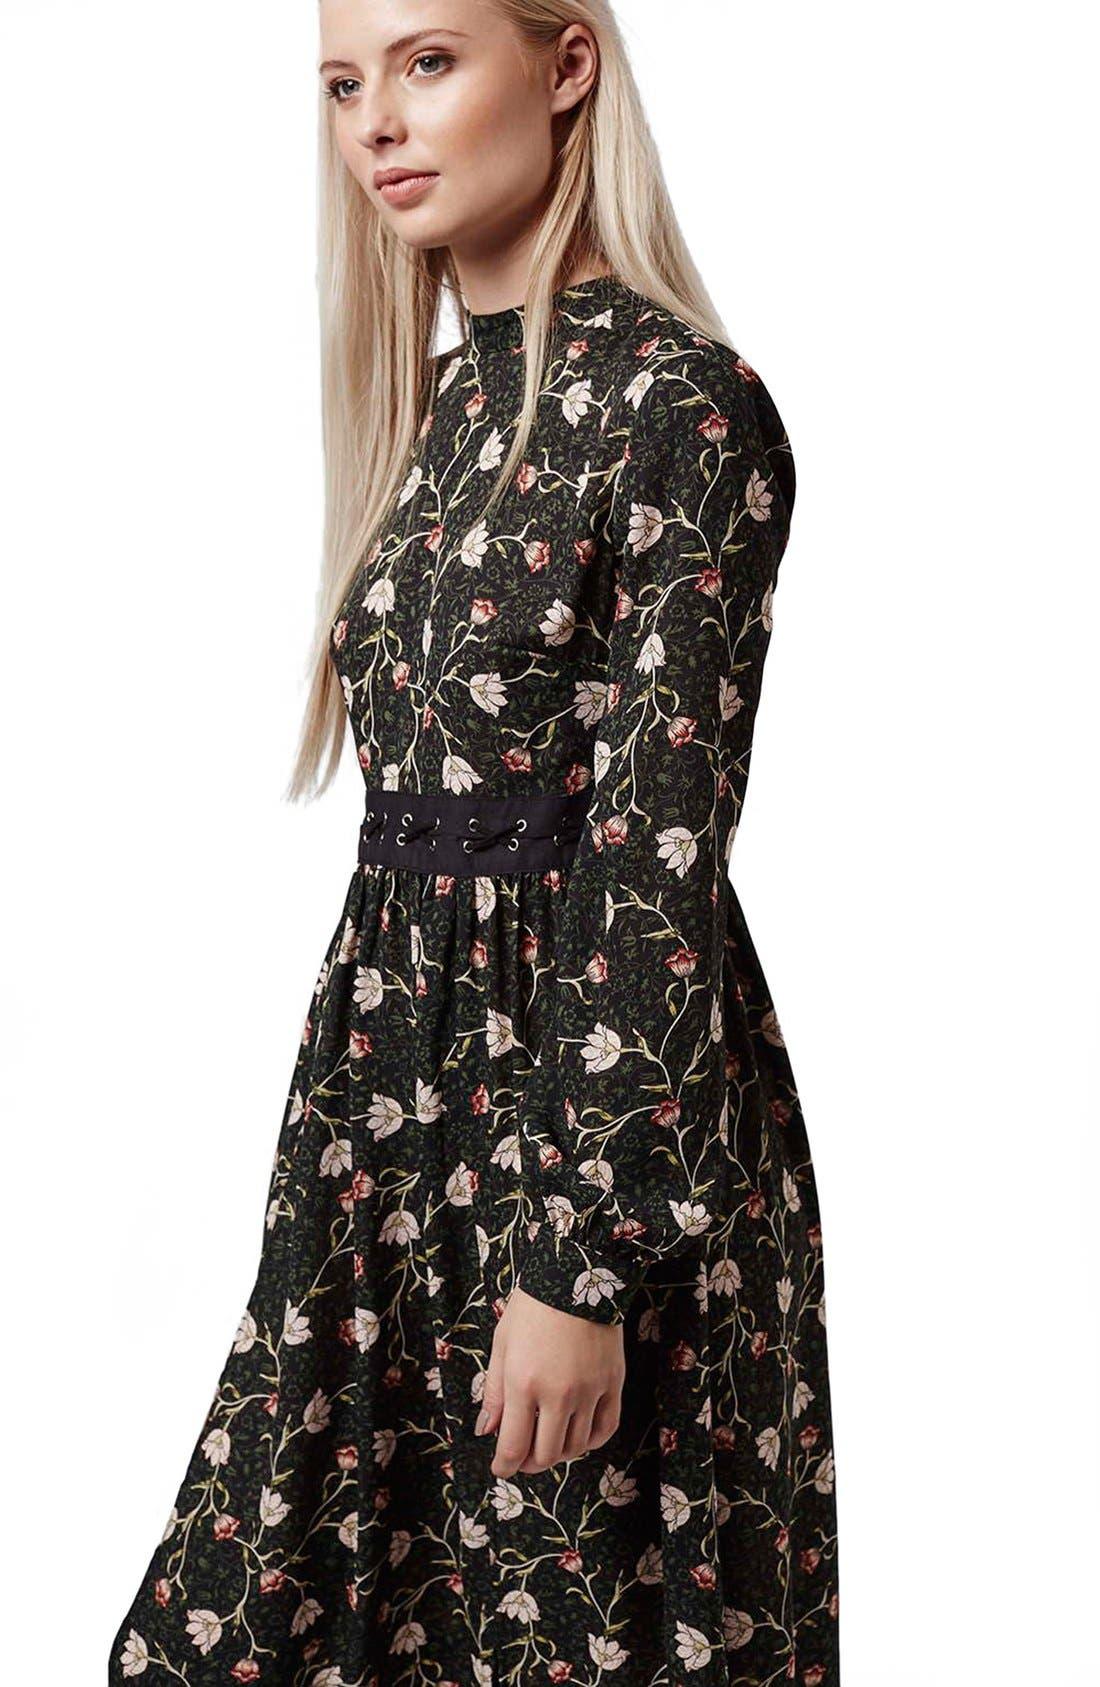 TOPSHOP, Tulip Print Midi Dress, Alternate thumbnail 6, color, 301